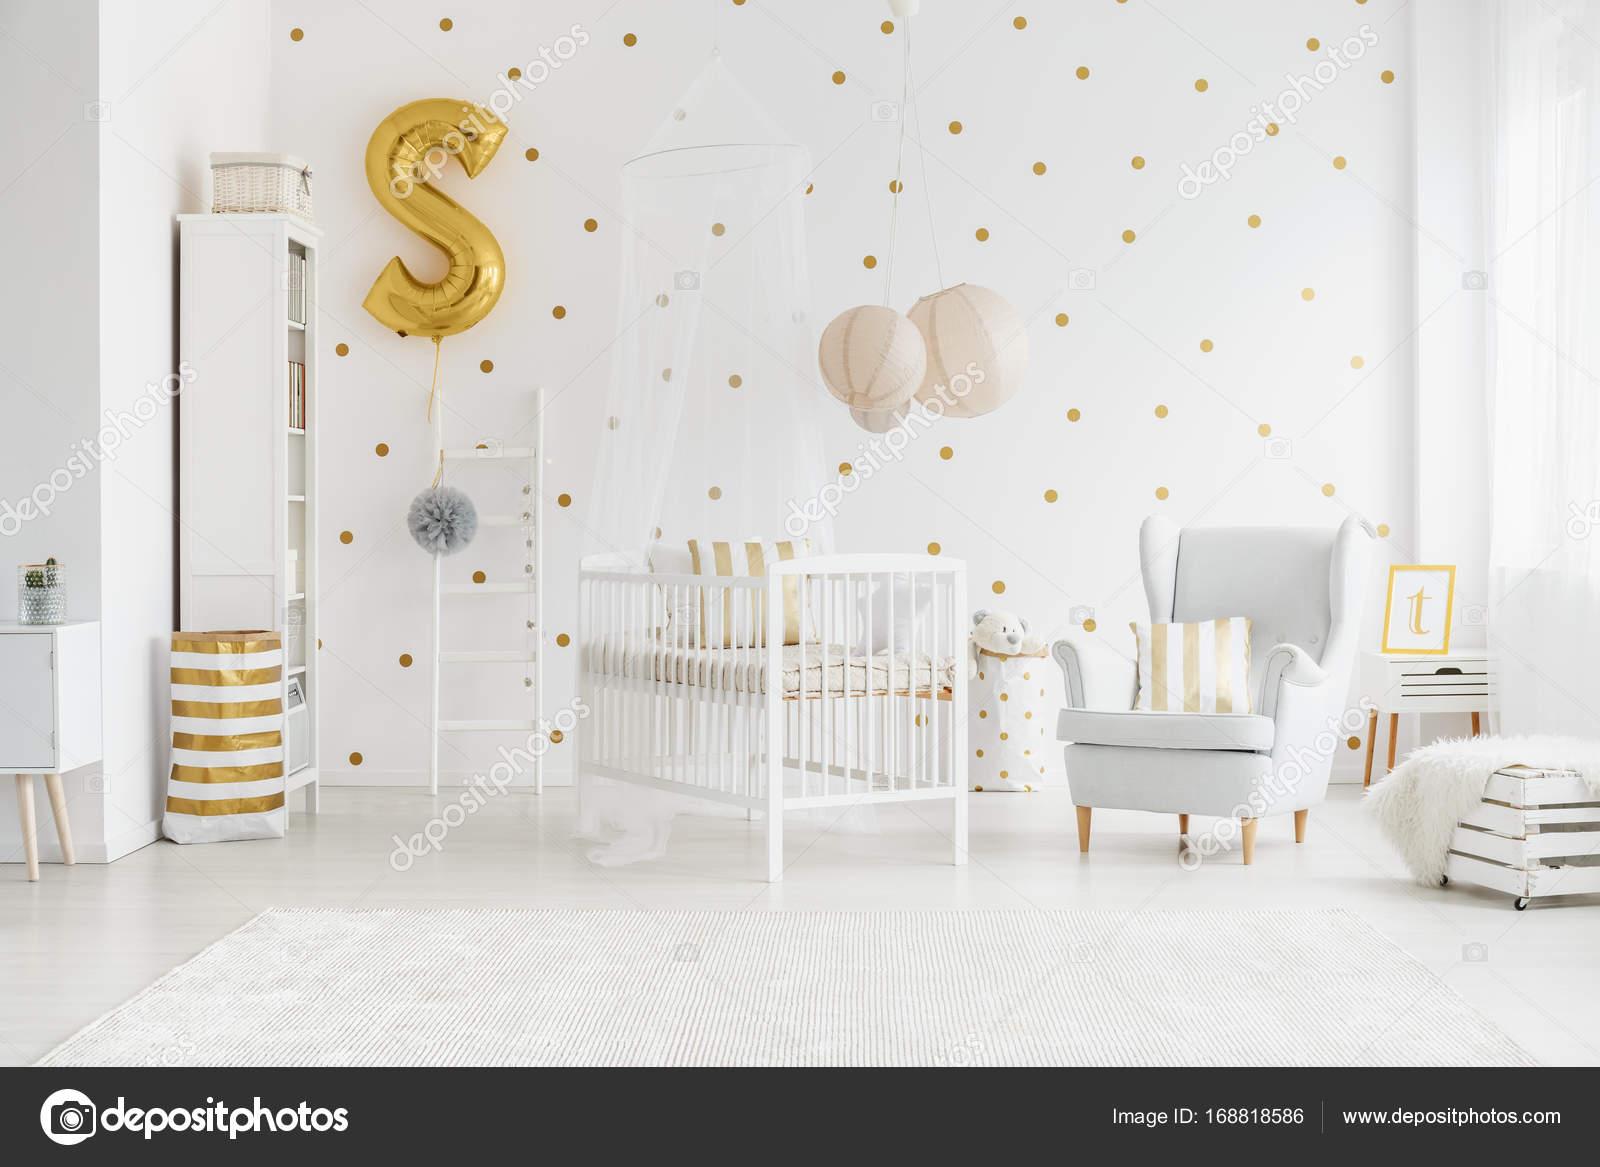 Behang Met Stippen : De slaapkamer van kind met gouden ballon u2014 stockfoto © photographee